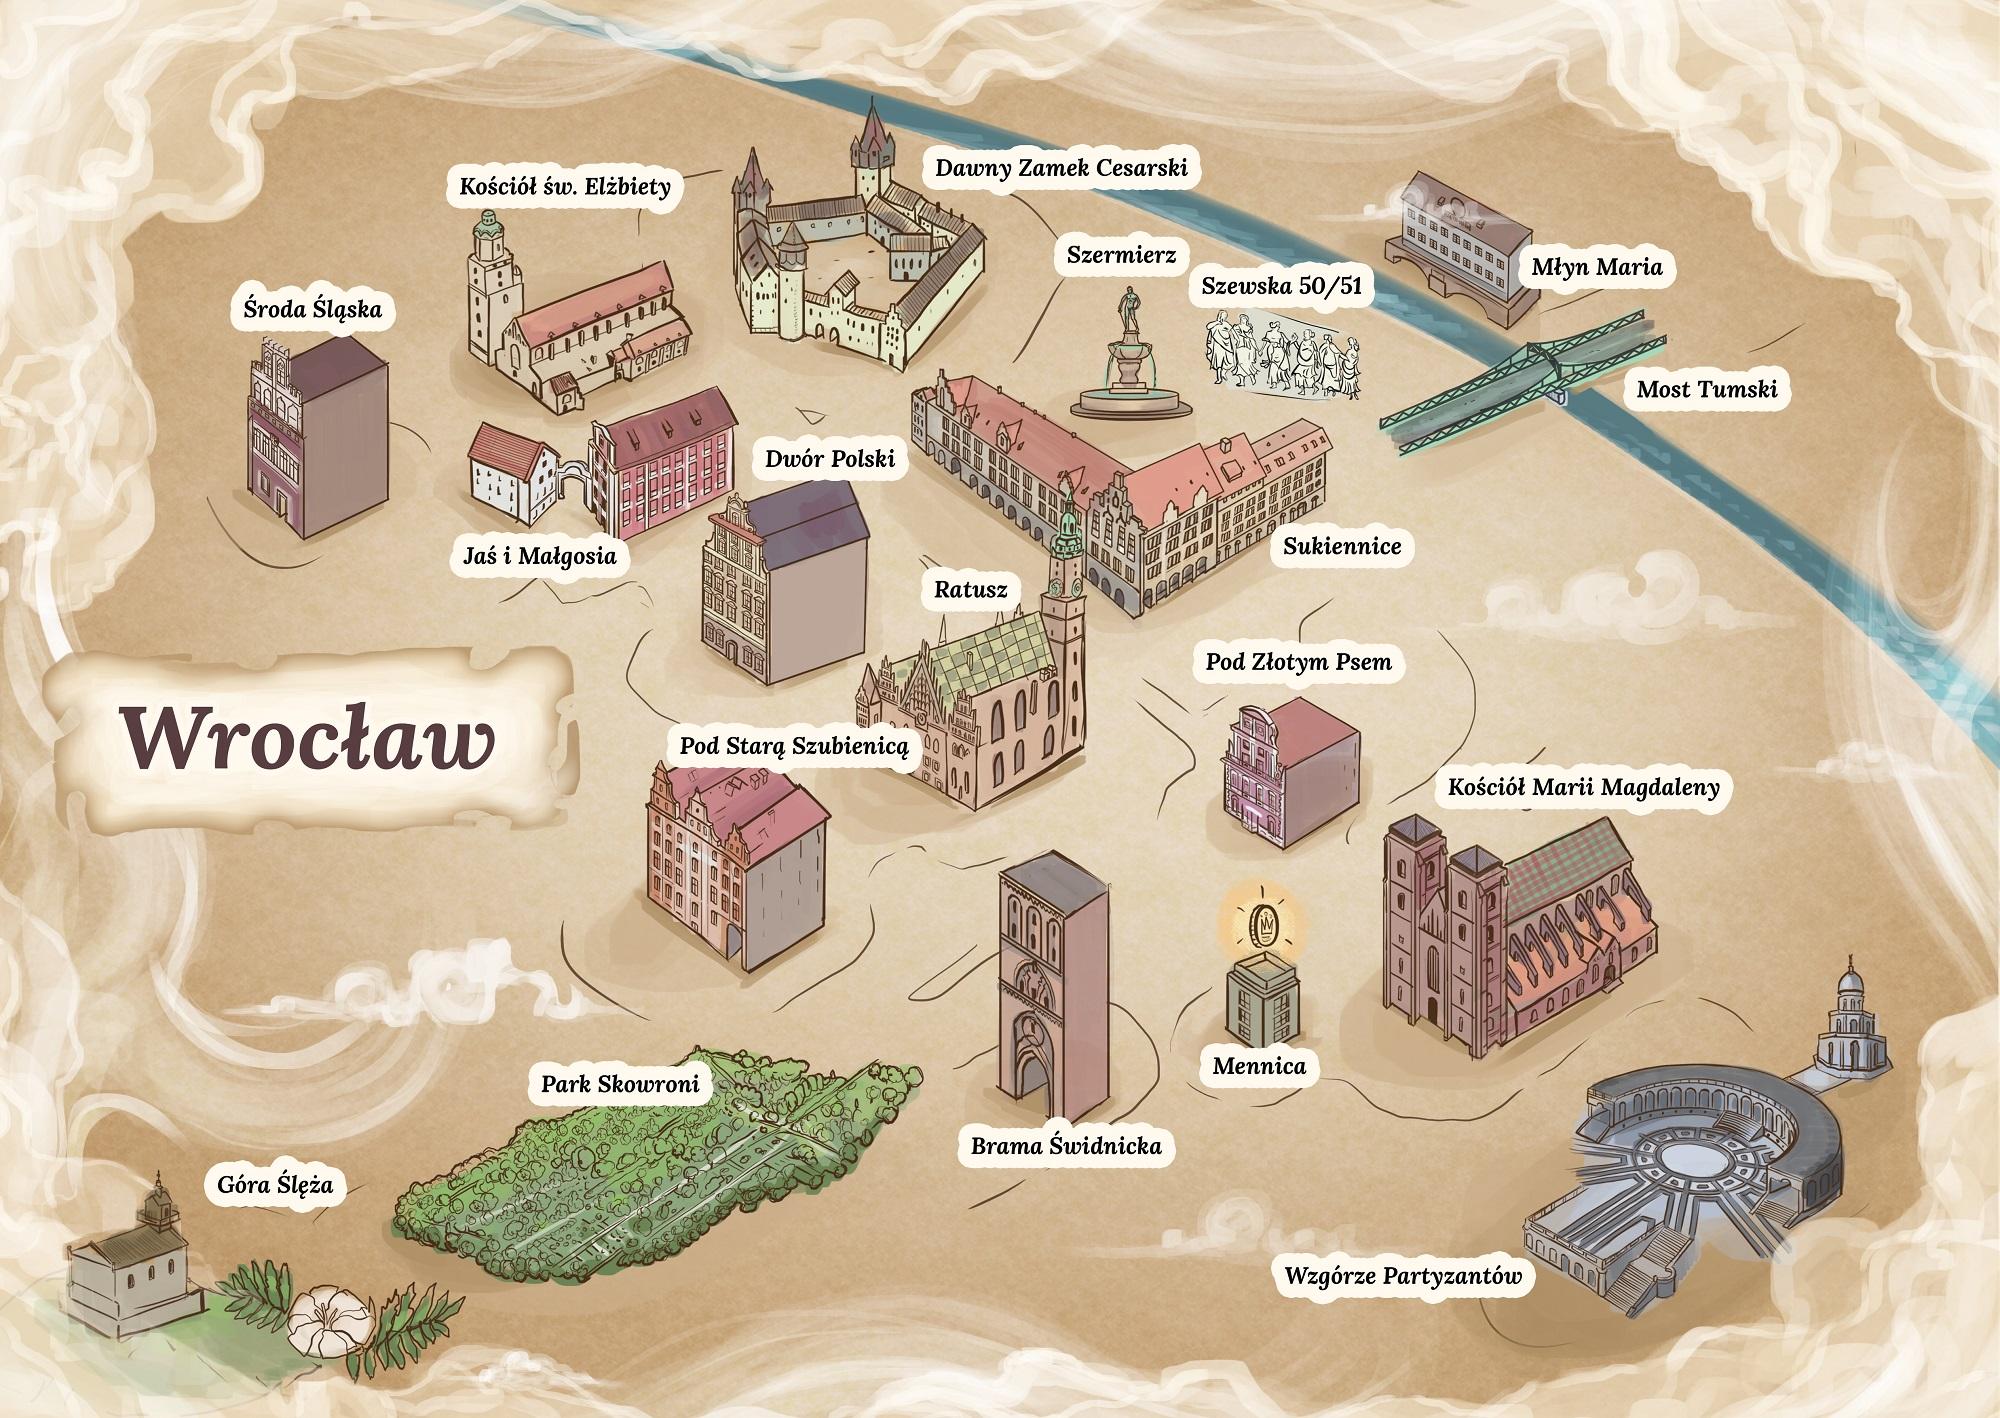 Poglądowa mapa dla części drugiej serii Opowiadania nie tylko wrocławskie